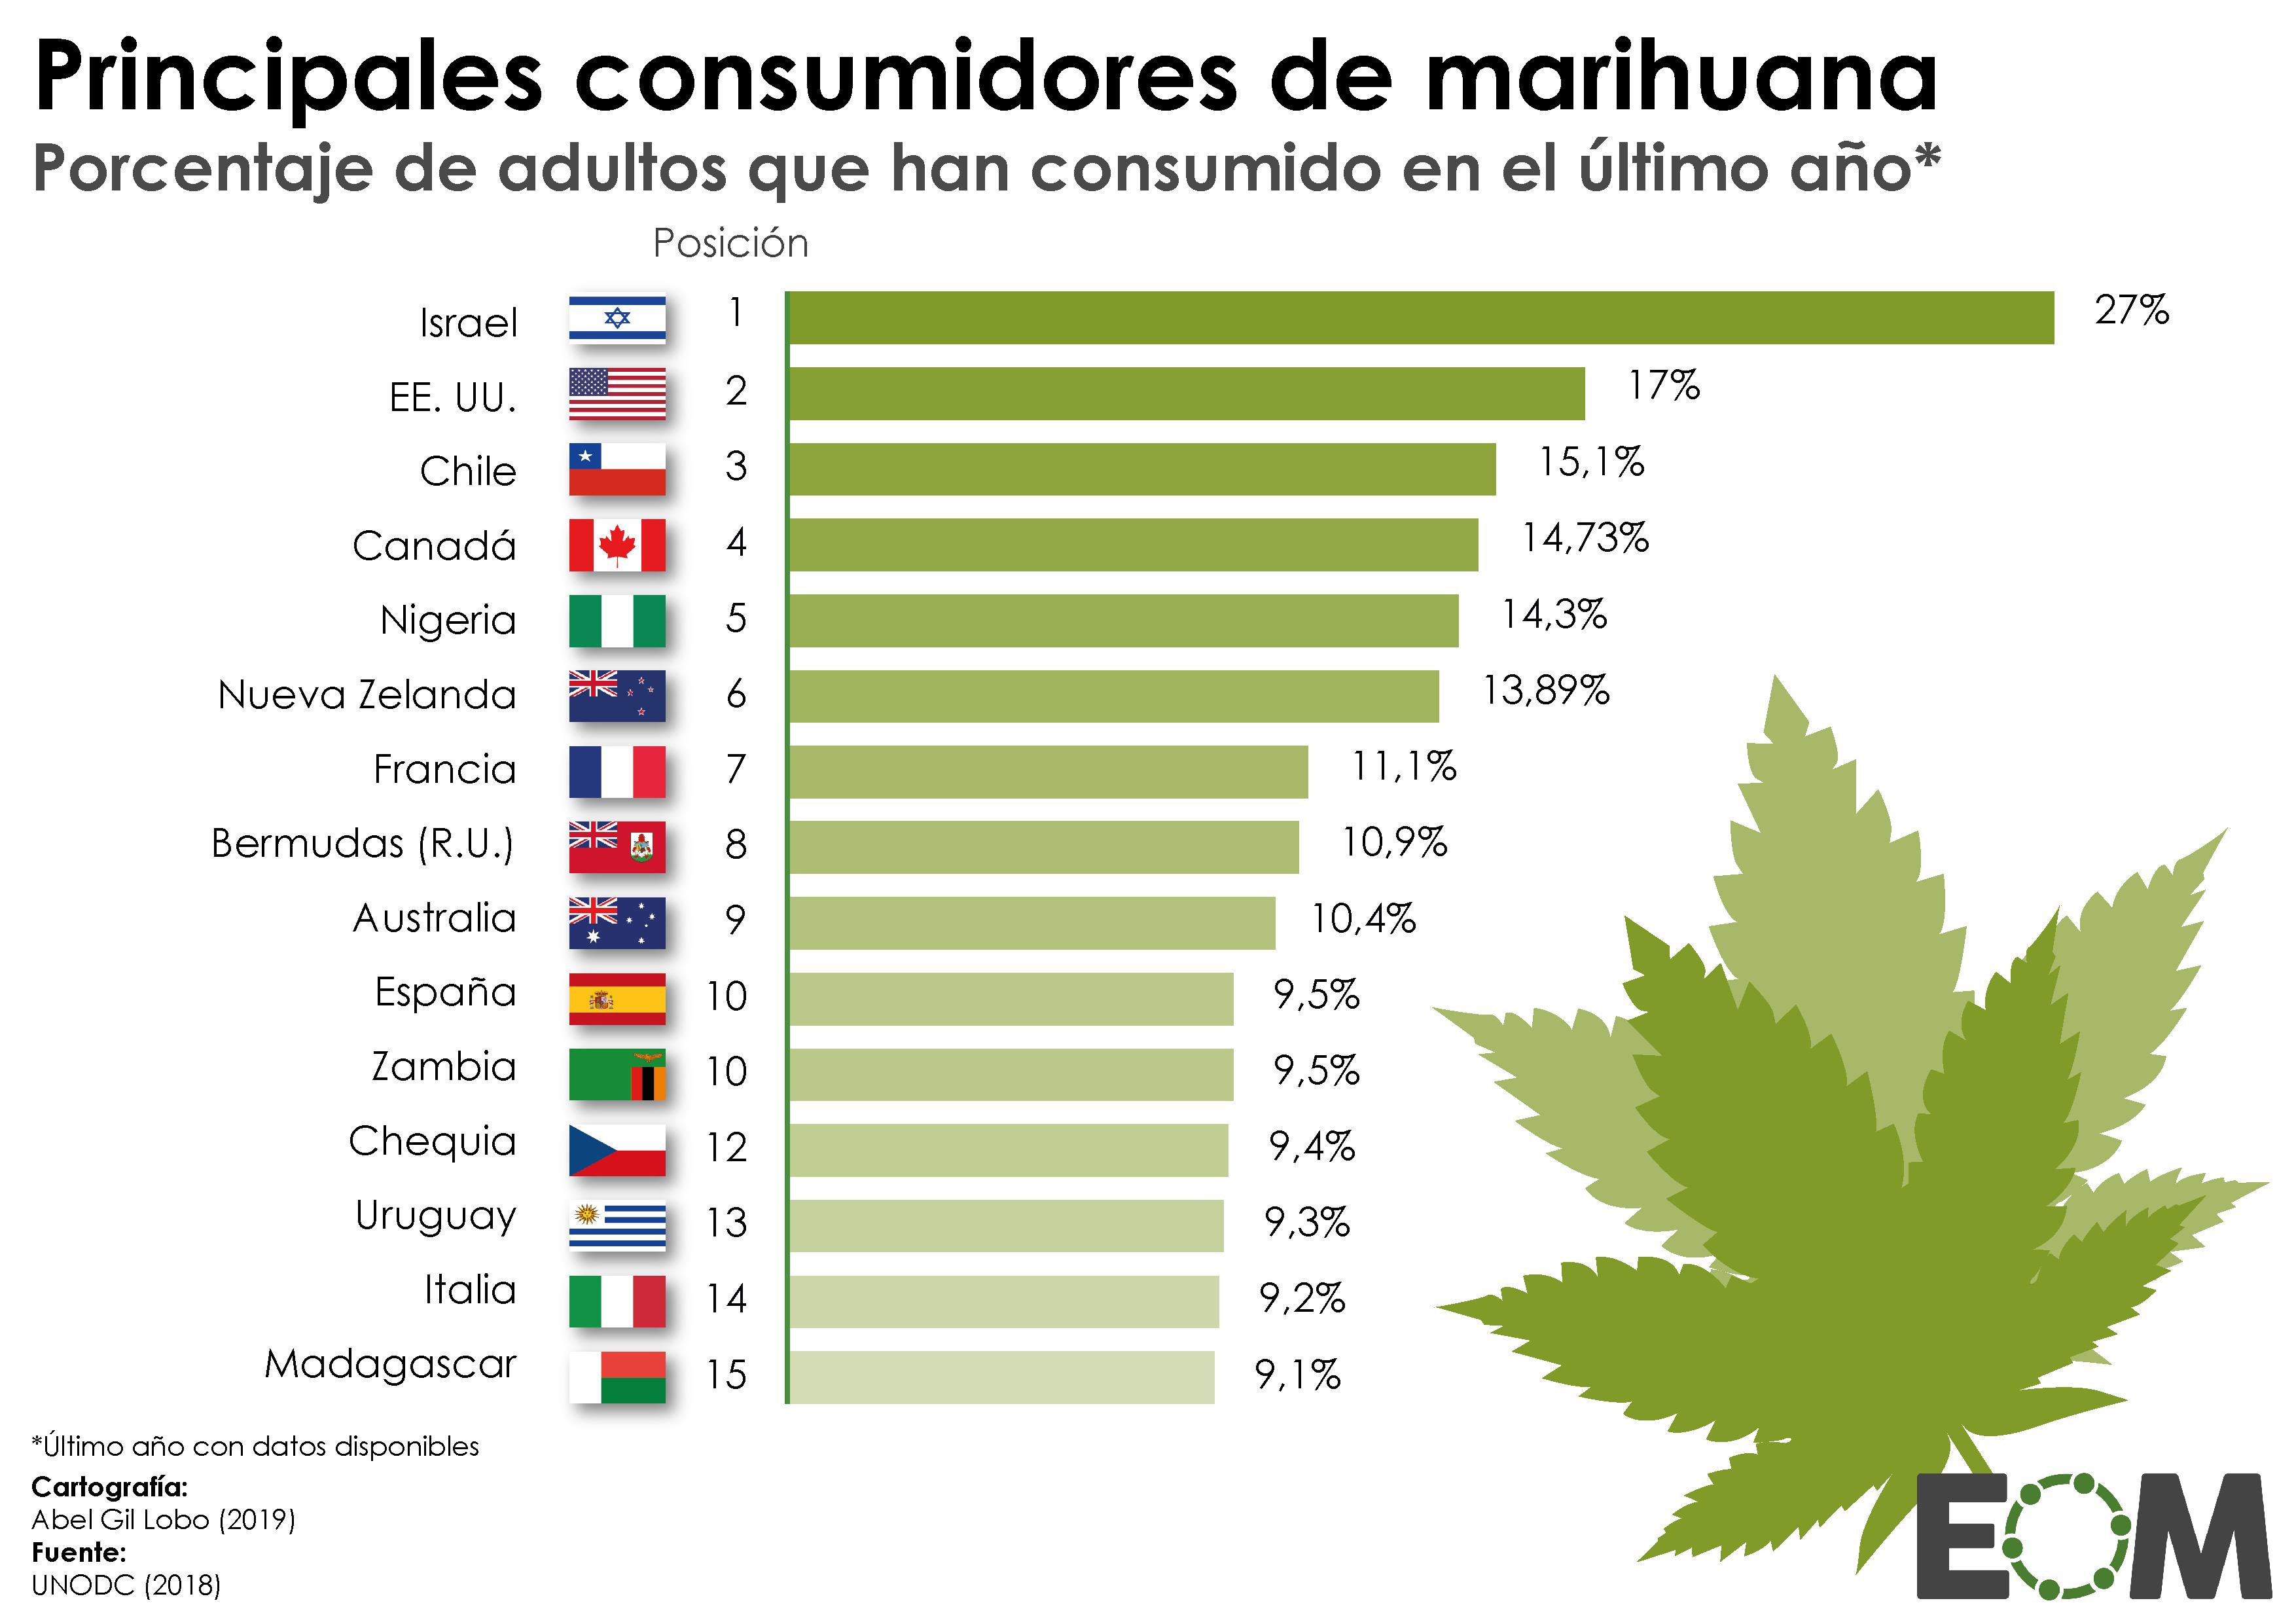 Mundo Economía Sociedad Salud Droga Consumo de marihuana